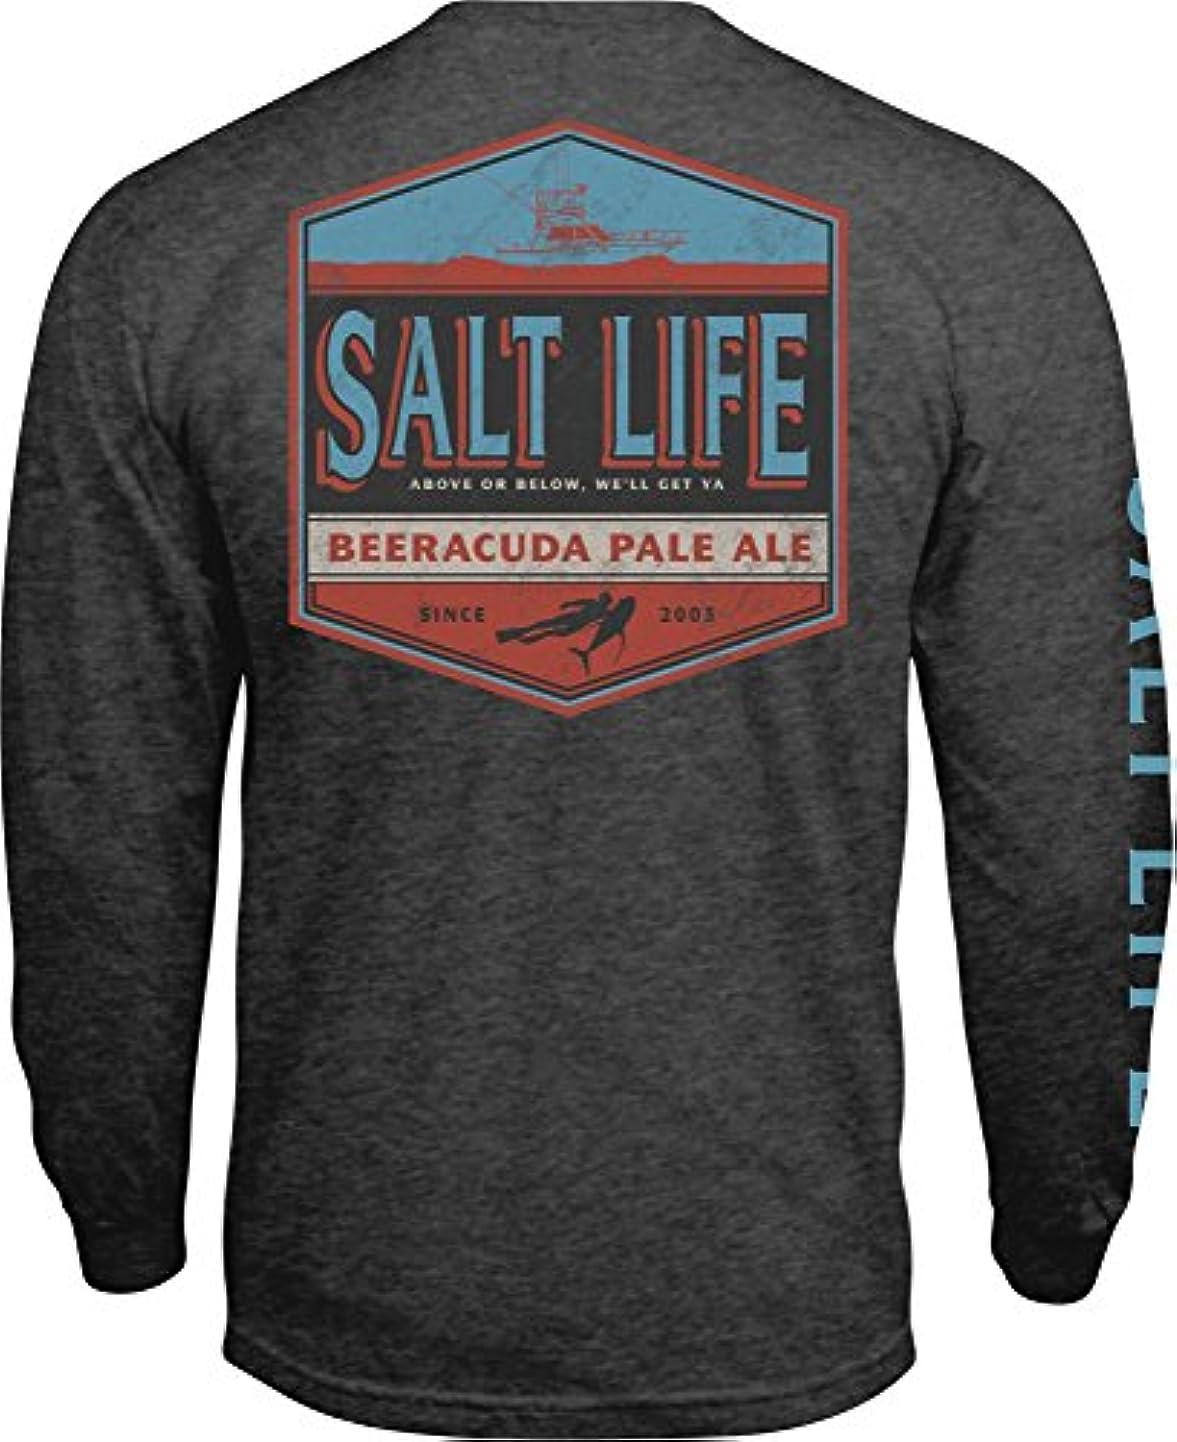 オズワルドアーサーコナンドイルコントロール[ソルトライフ] メンズ シャツ Salt Life Men's Beeracuda Long Sleeve Sh [並行輸入品]